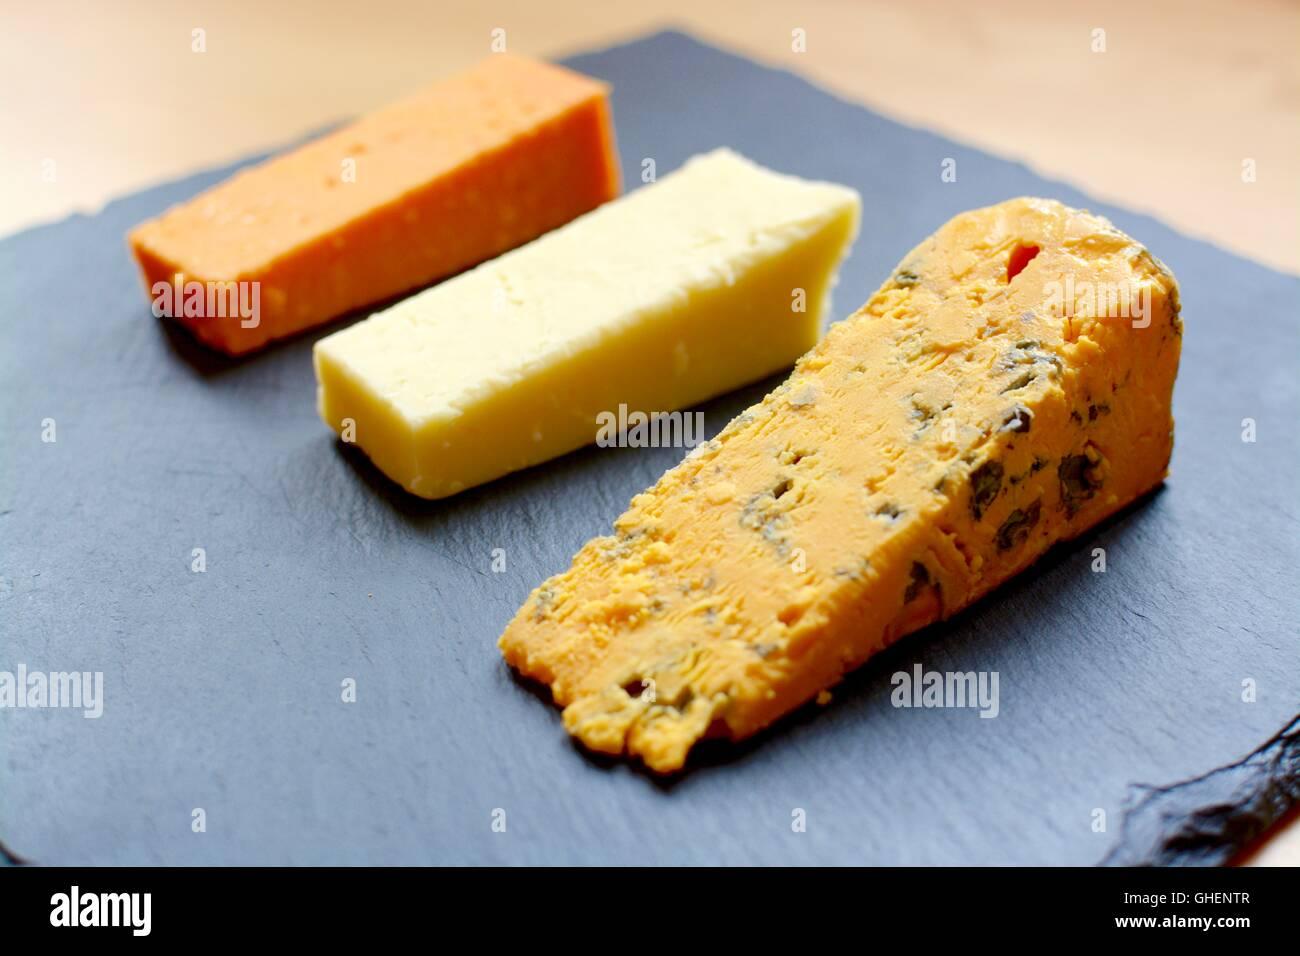 Sélection de trois fromages servi sur ardoise noire Photo Stock